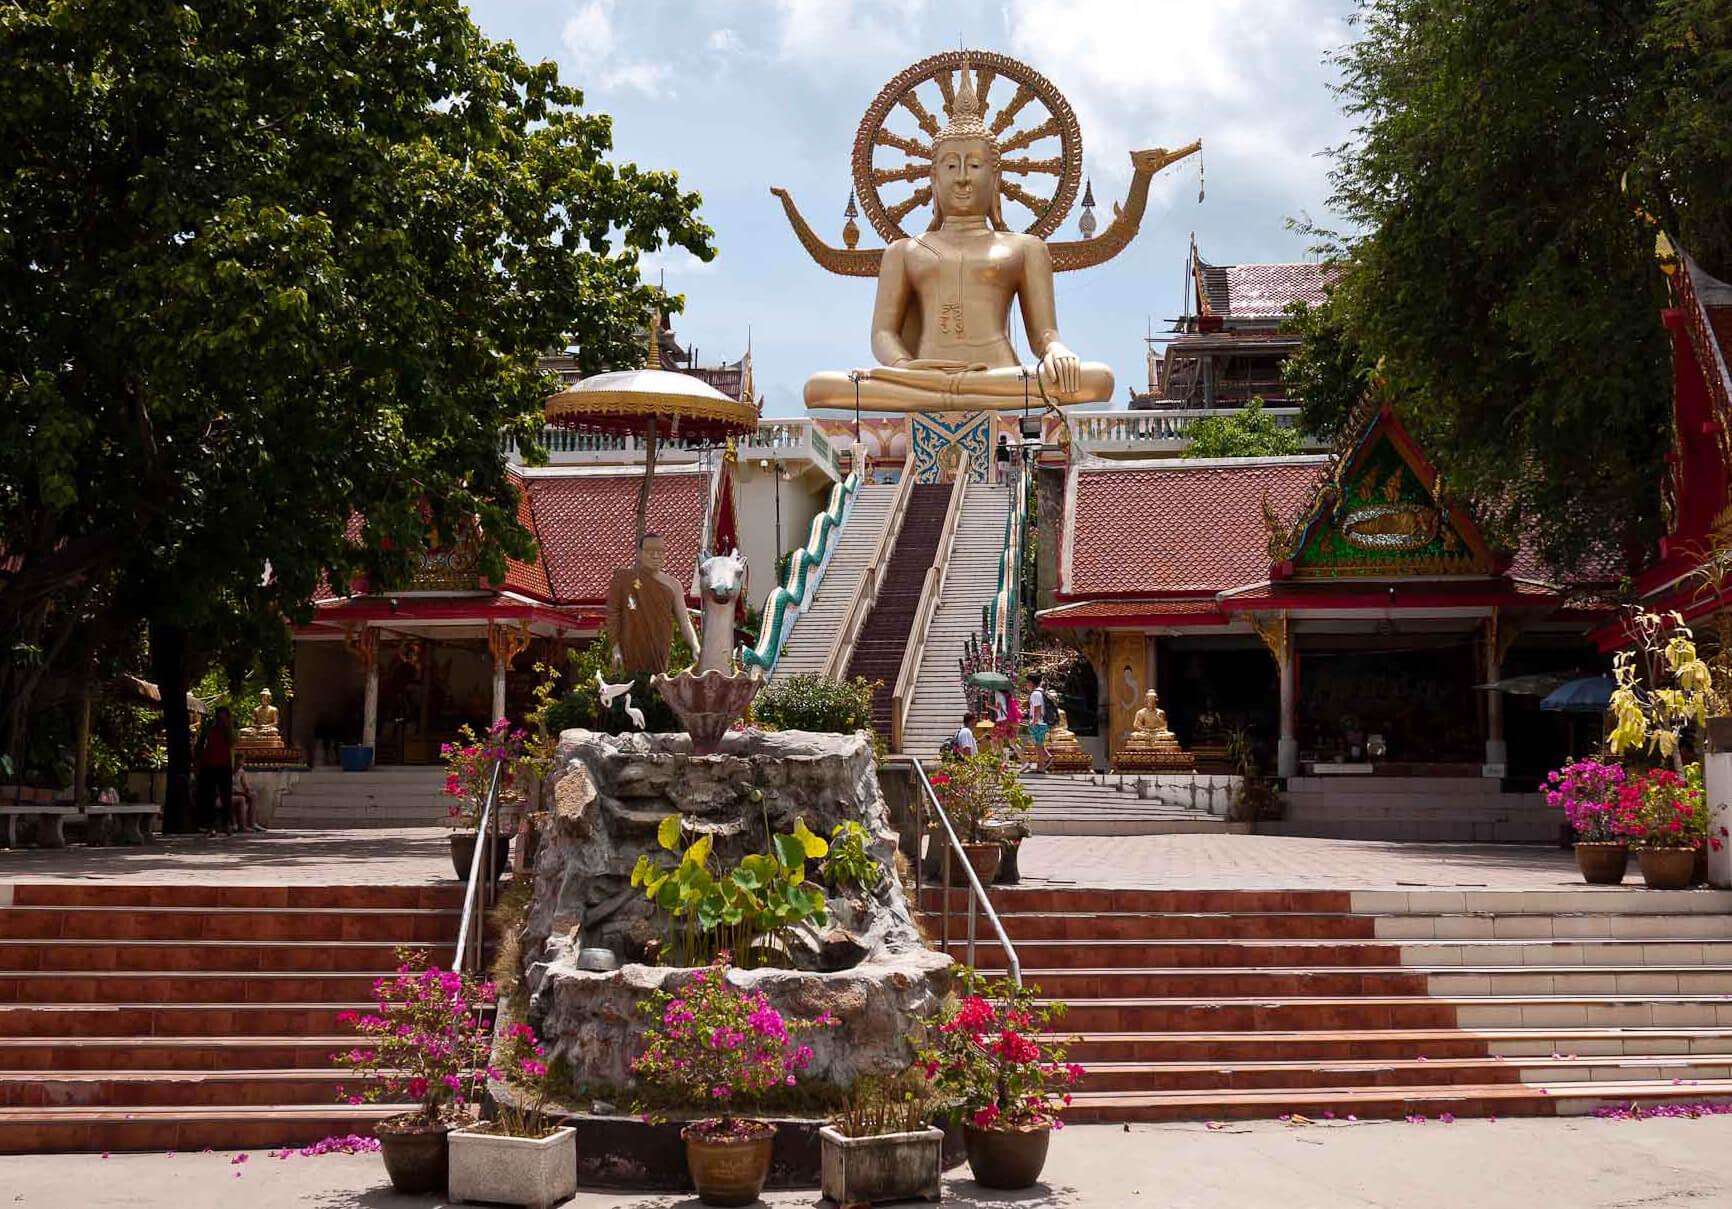 Развлечения для детей на Самуи, фото статуи Будды в храме Ват Пра Яй (Wat Phra Yai)